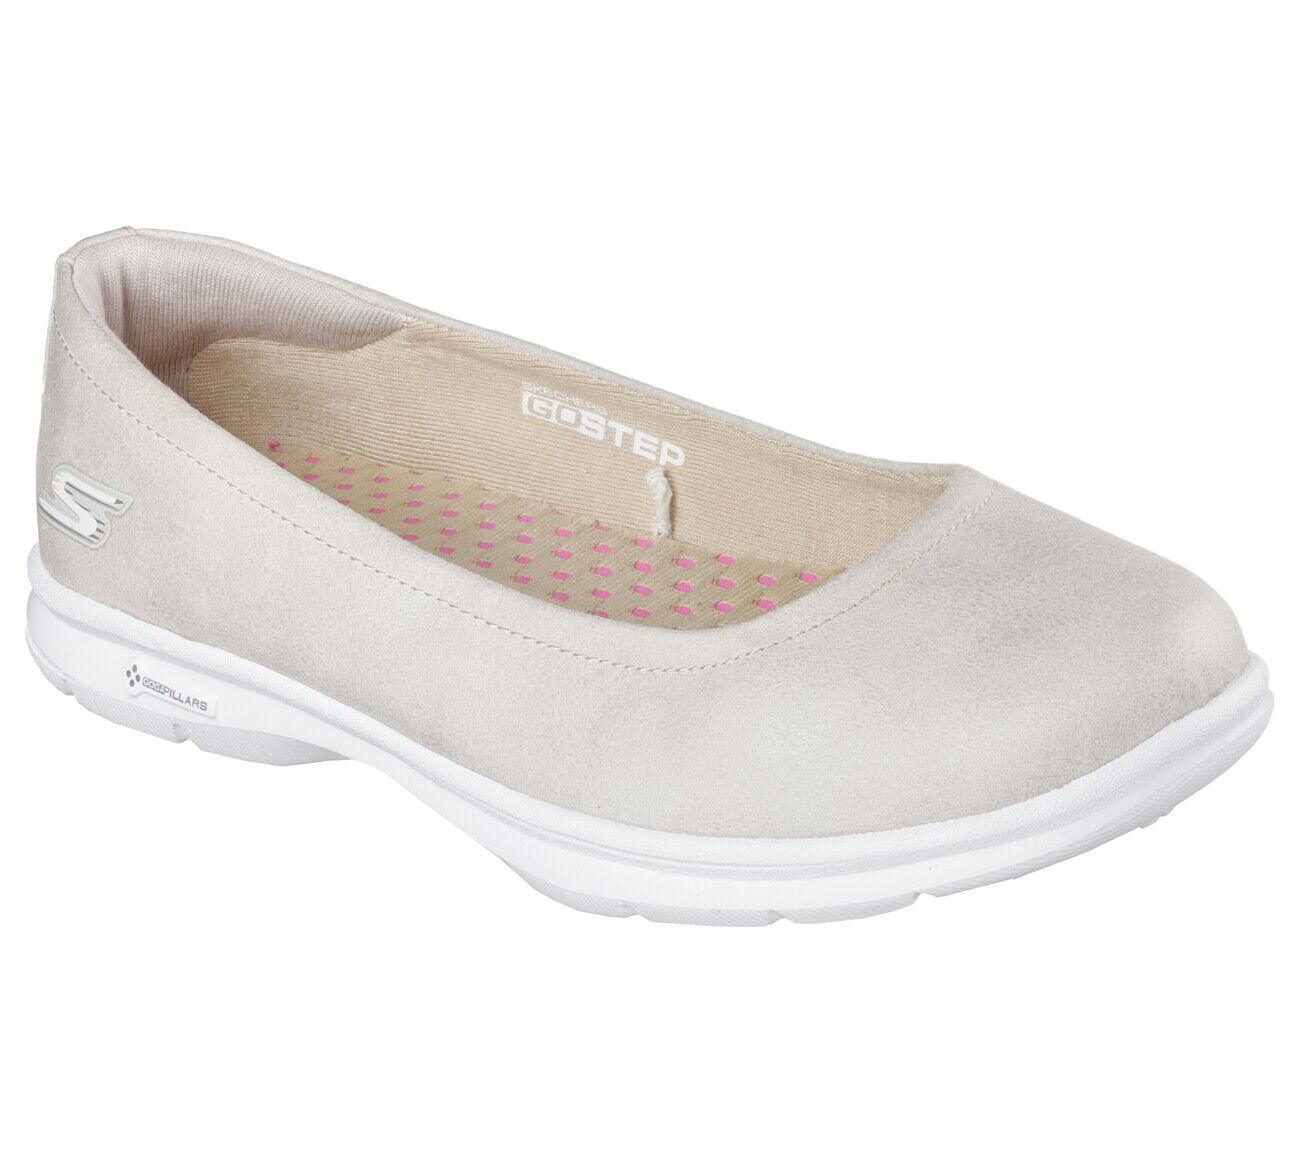 NEU SKECHERS Damen Ballerinas Slipper Loafer Walking GO STEP